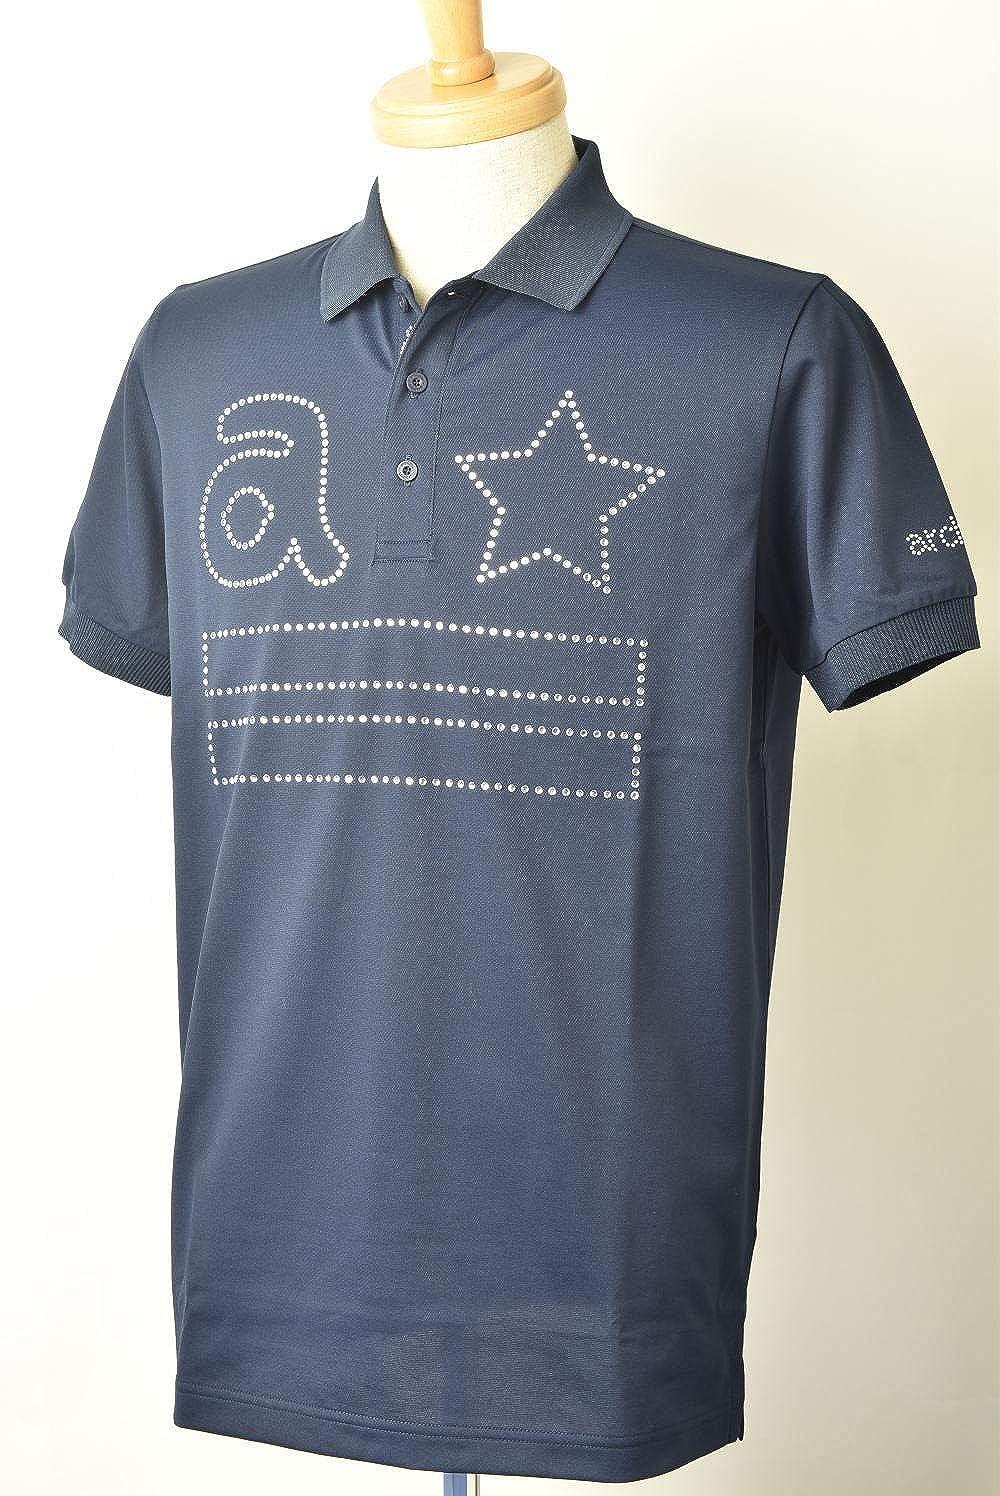 (アルチビオ) archivio 半袖ポロシャツ メンズ ゴルフ a869308 M(46) ネイビー(060) B07S2LRXFH